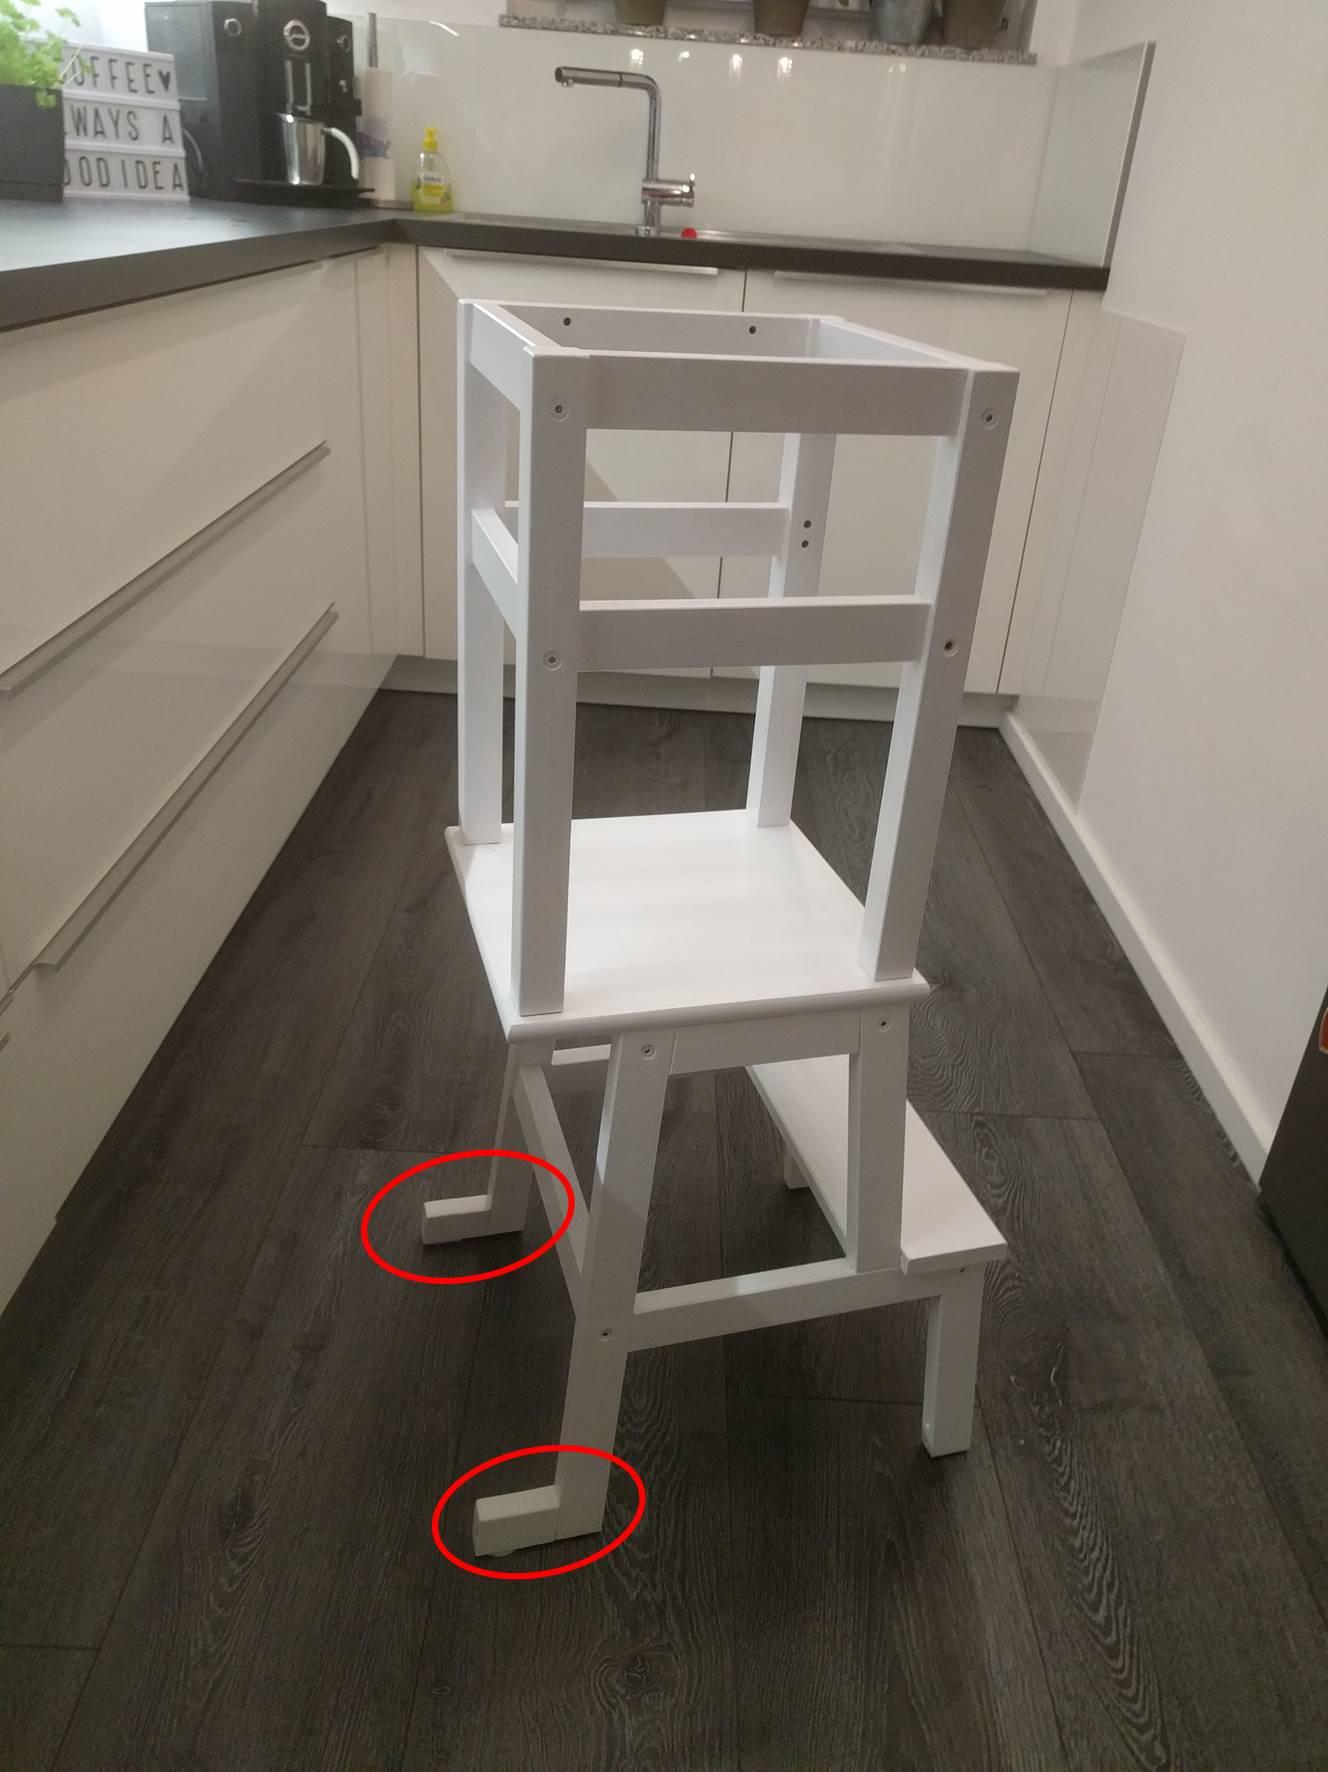 Learning-Tower-Ikea-Hack-2b.jpg